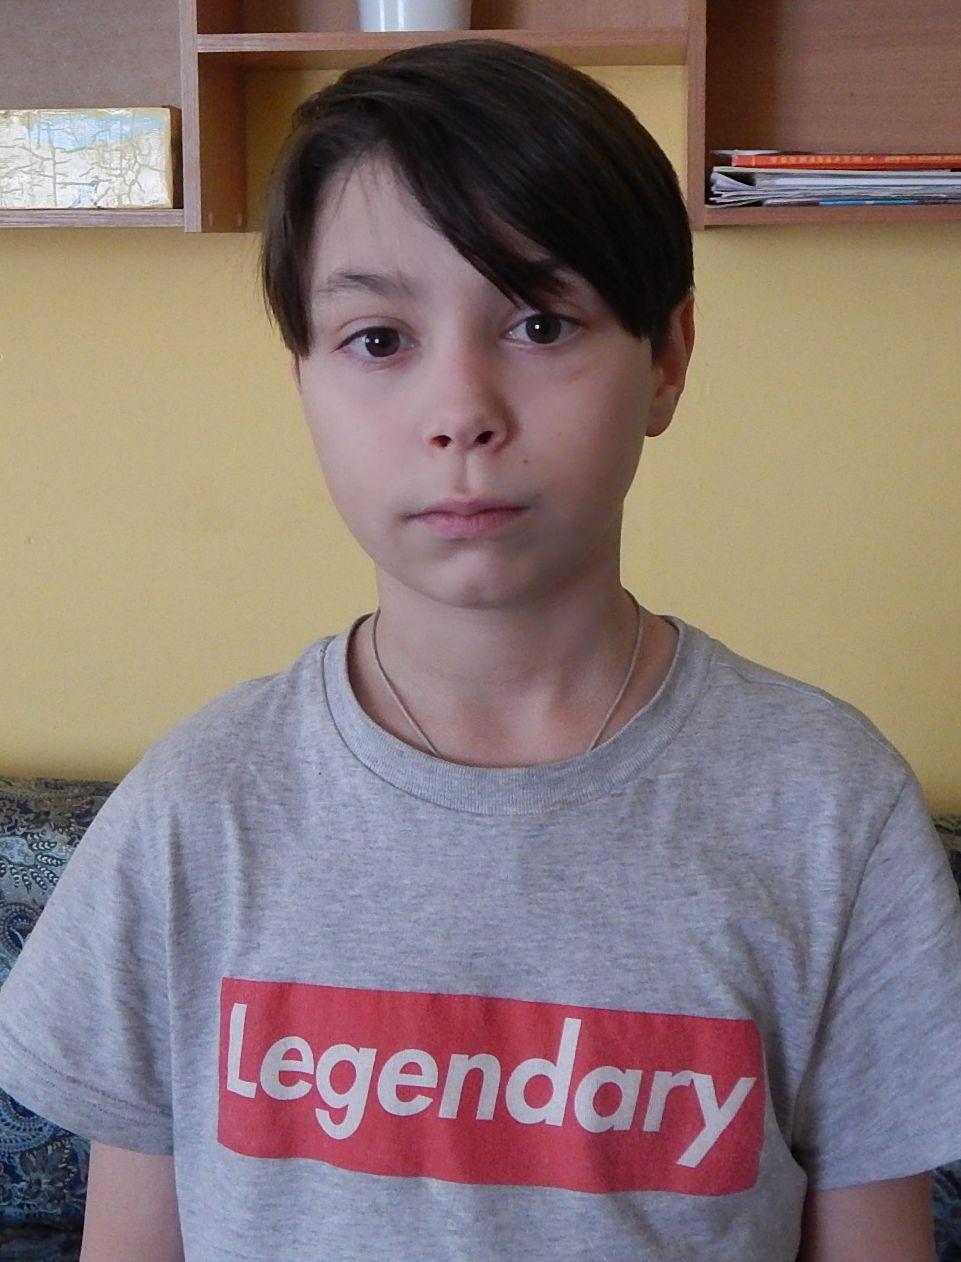 Николай Б., апрель 2004 г.р.